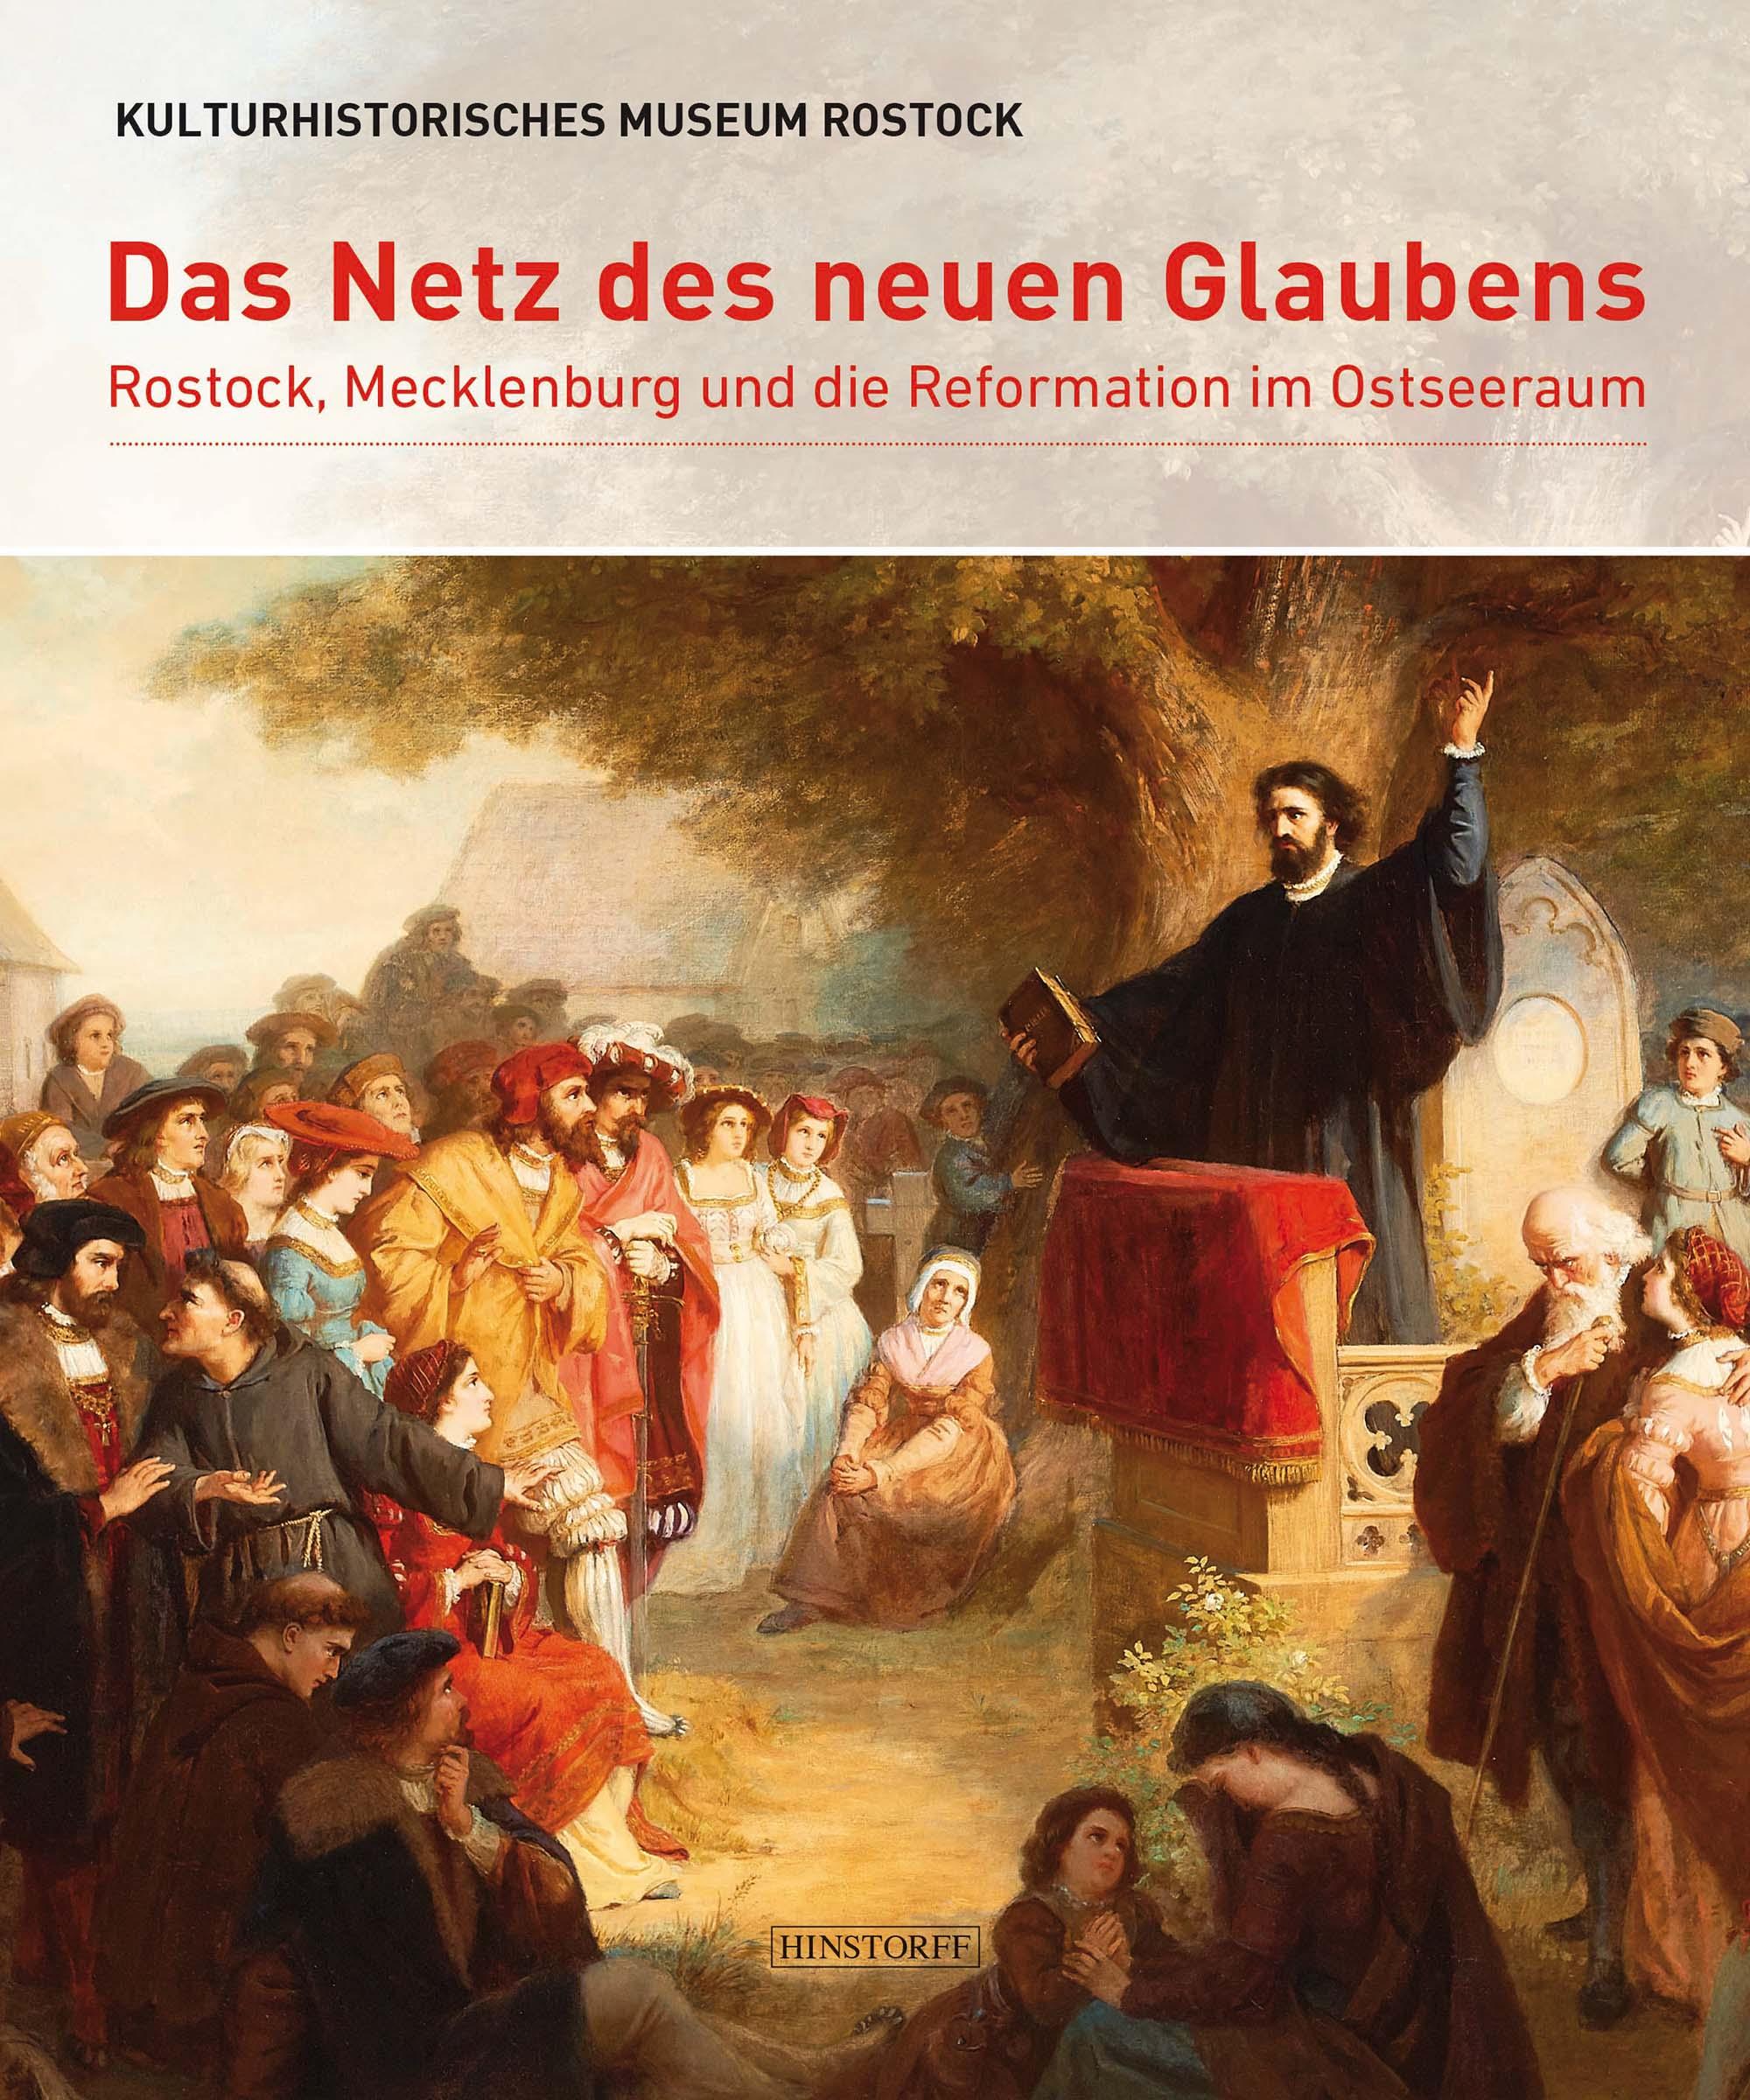 Das Netz des neuen Glaubens